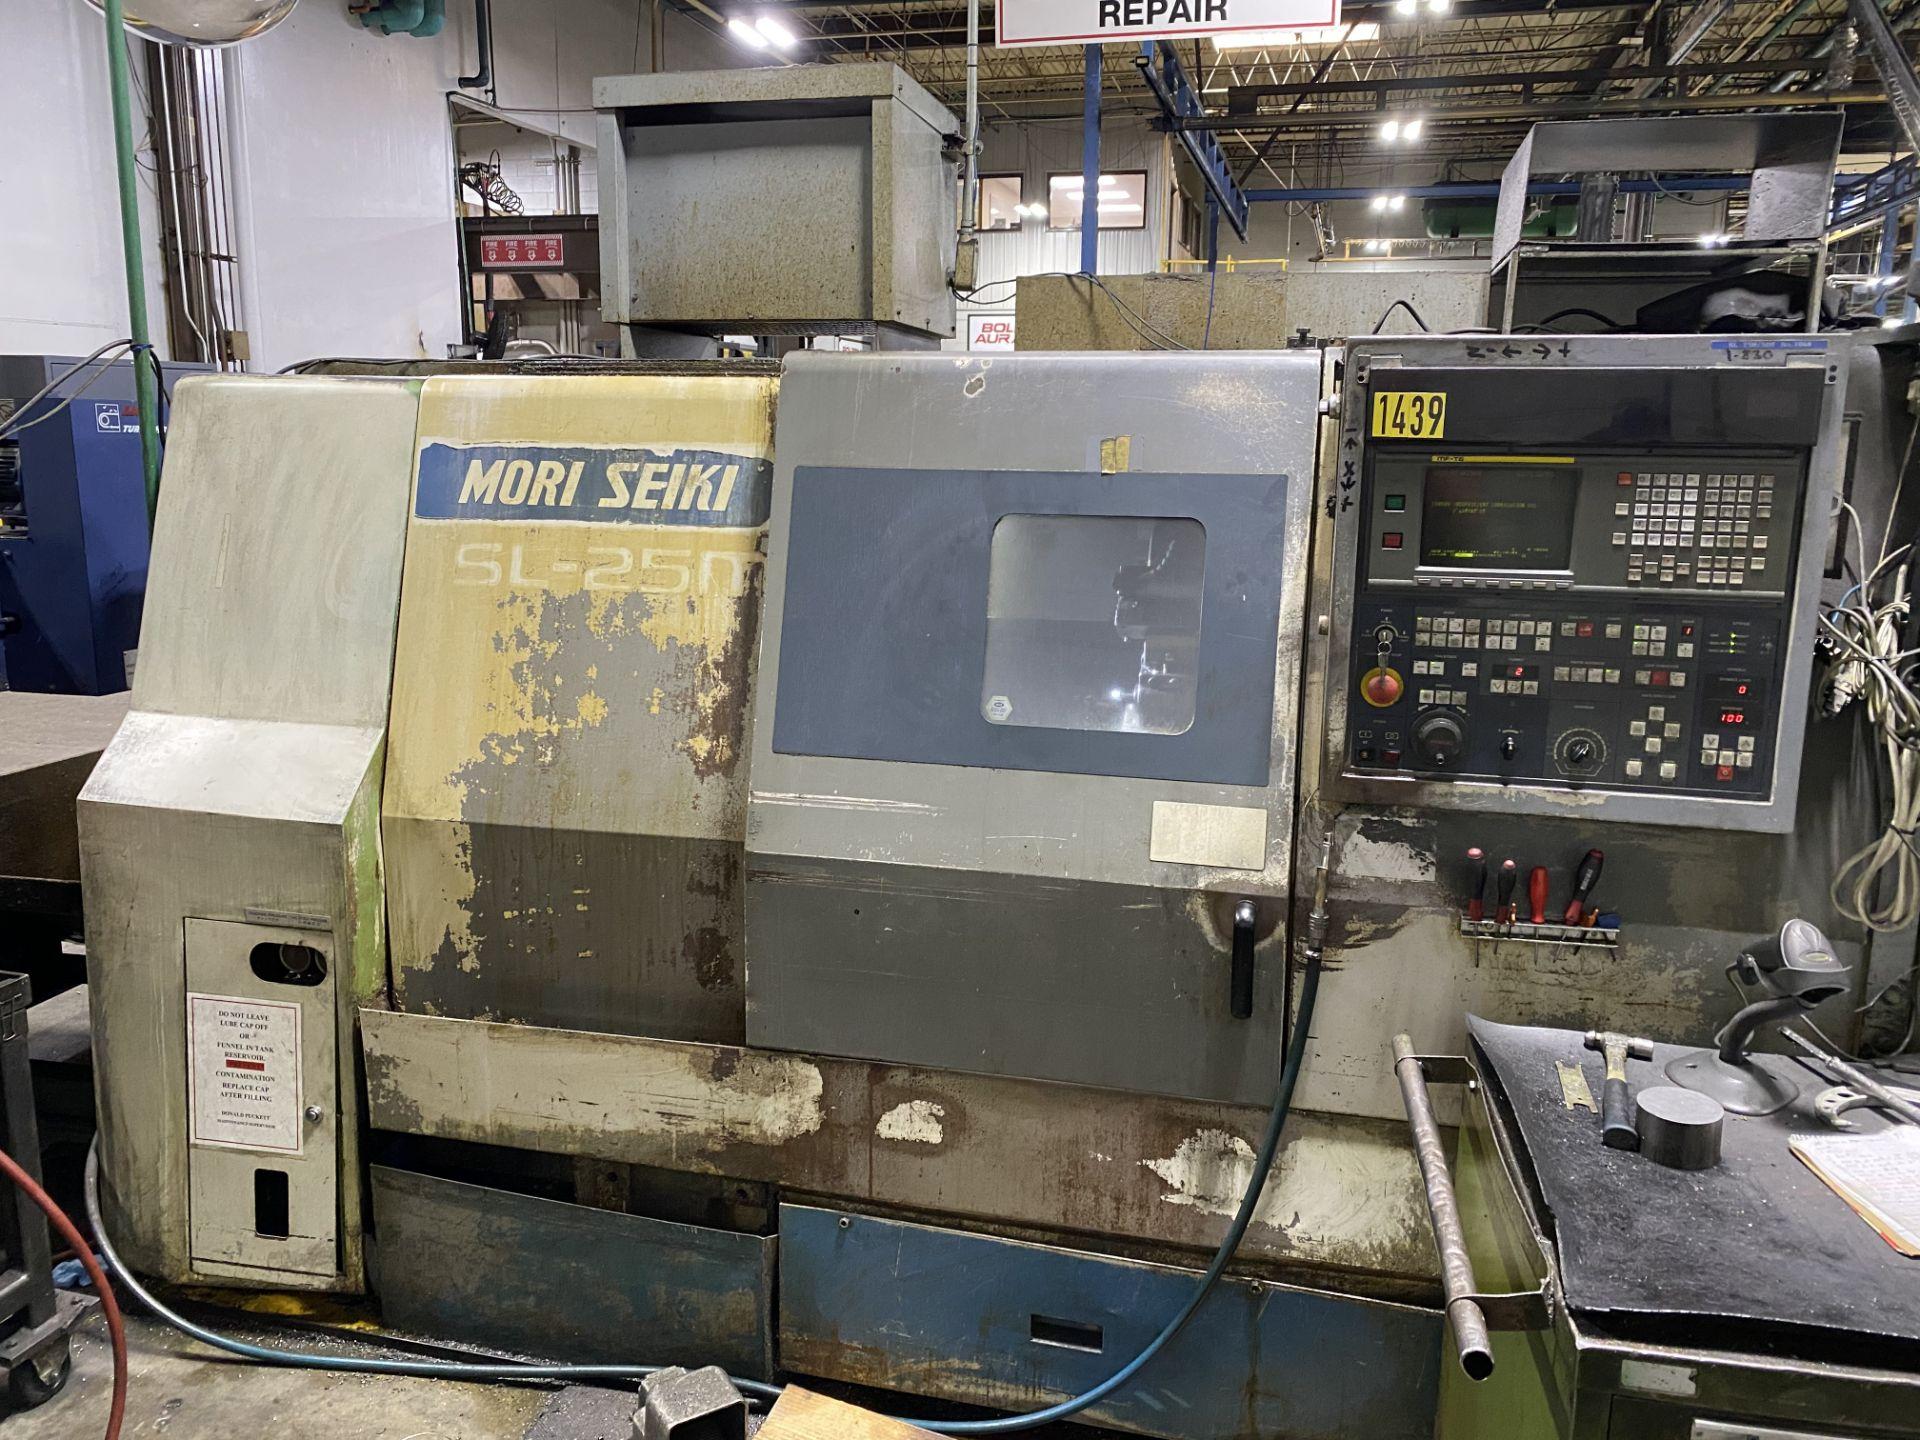 Mori Seiki SL-25M5 CNC Lathe